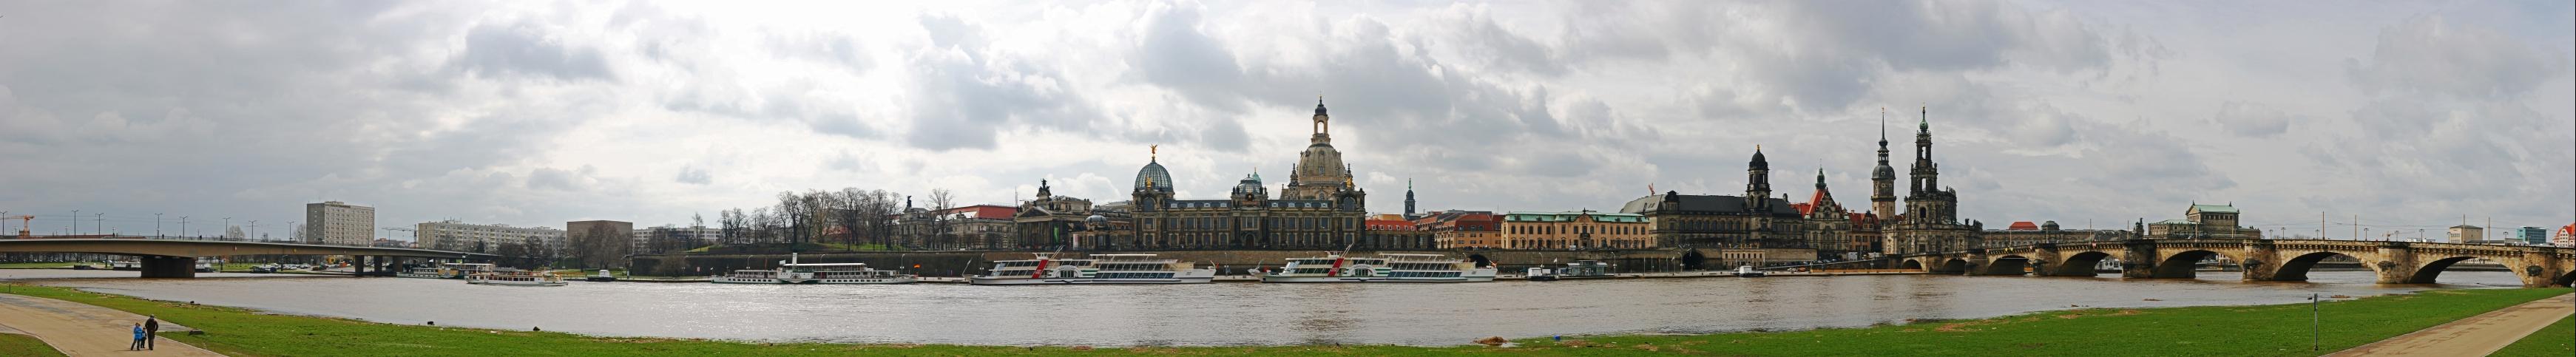 Dresden's Elbufer Panorama